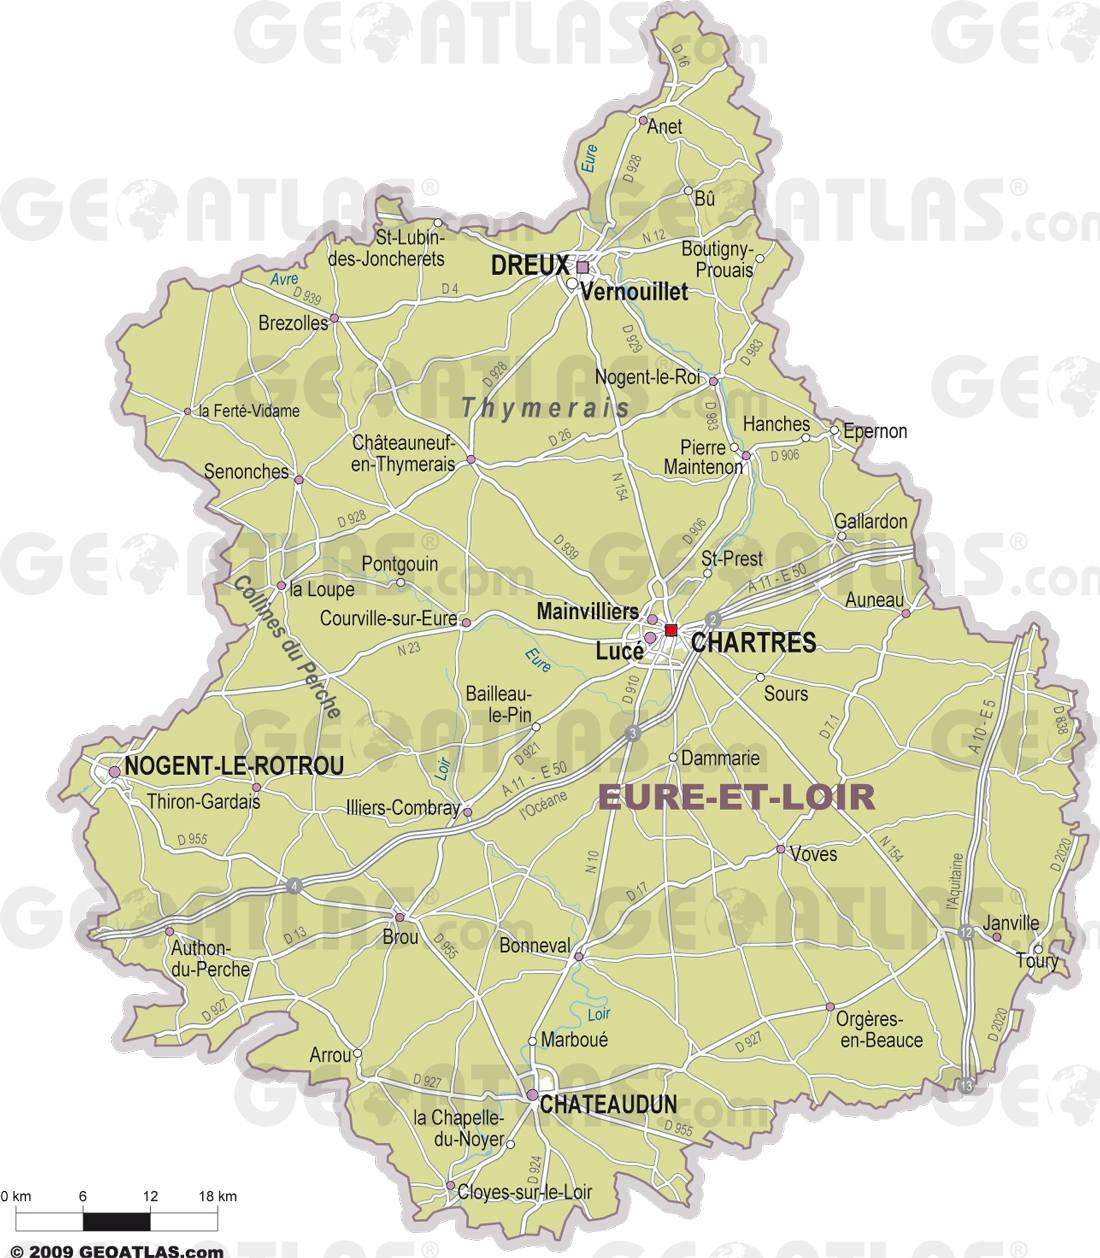 Carte des villes de l'Eure-et-Loir